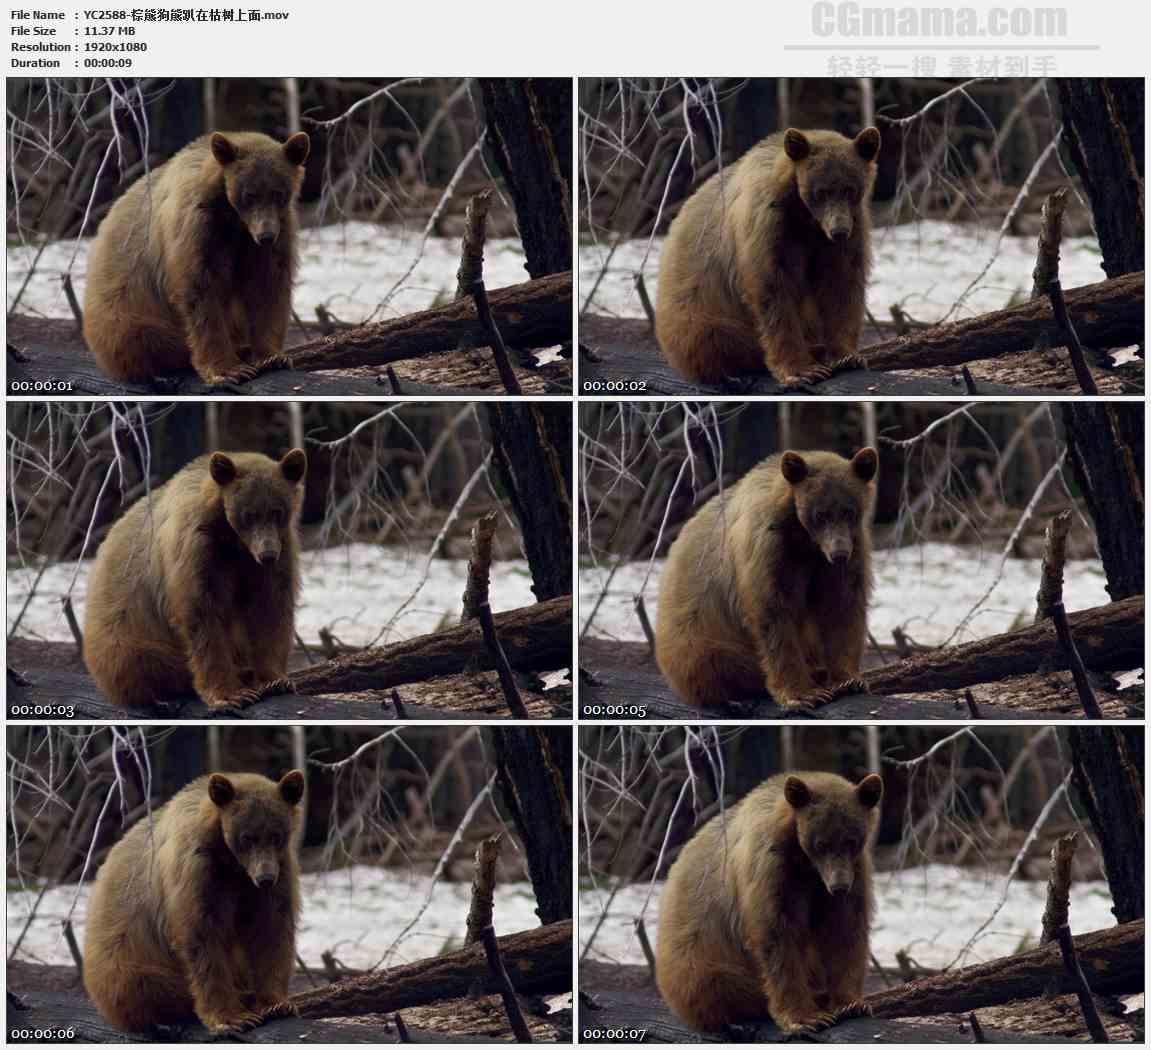 YC2588-棕熊狗熊趴在枯树上面高清实拍视频素材